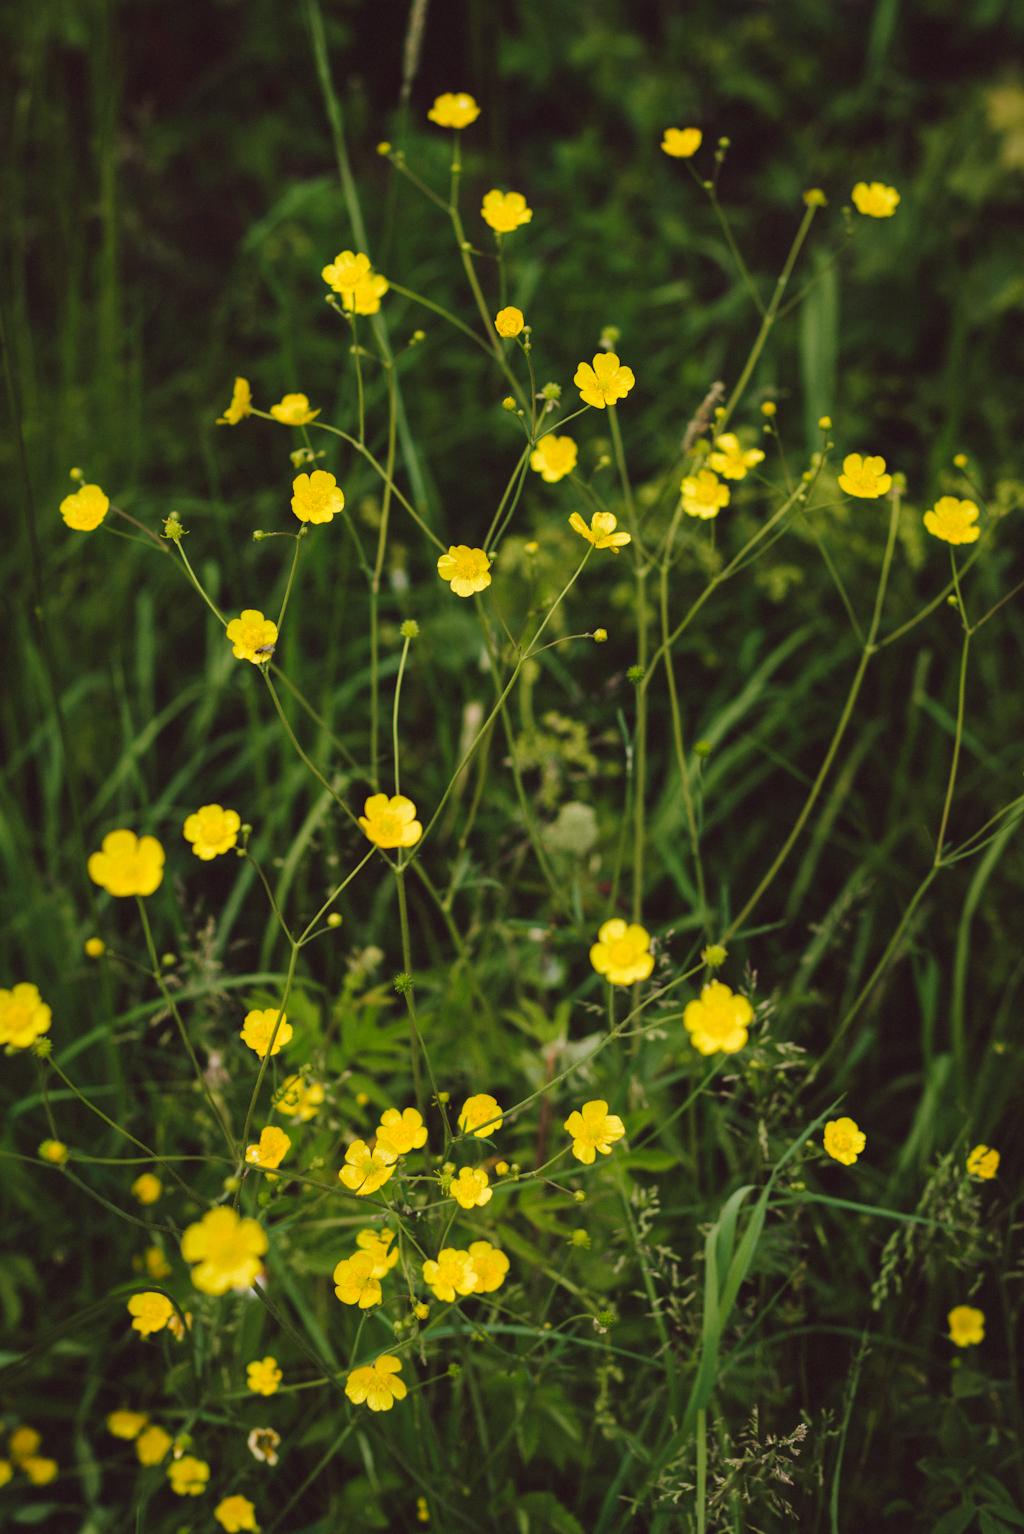 Babes_in_Boyland-Mindummer_flowers-2016-5